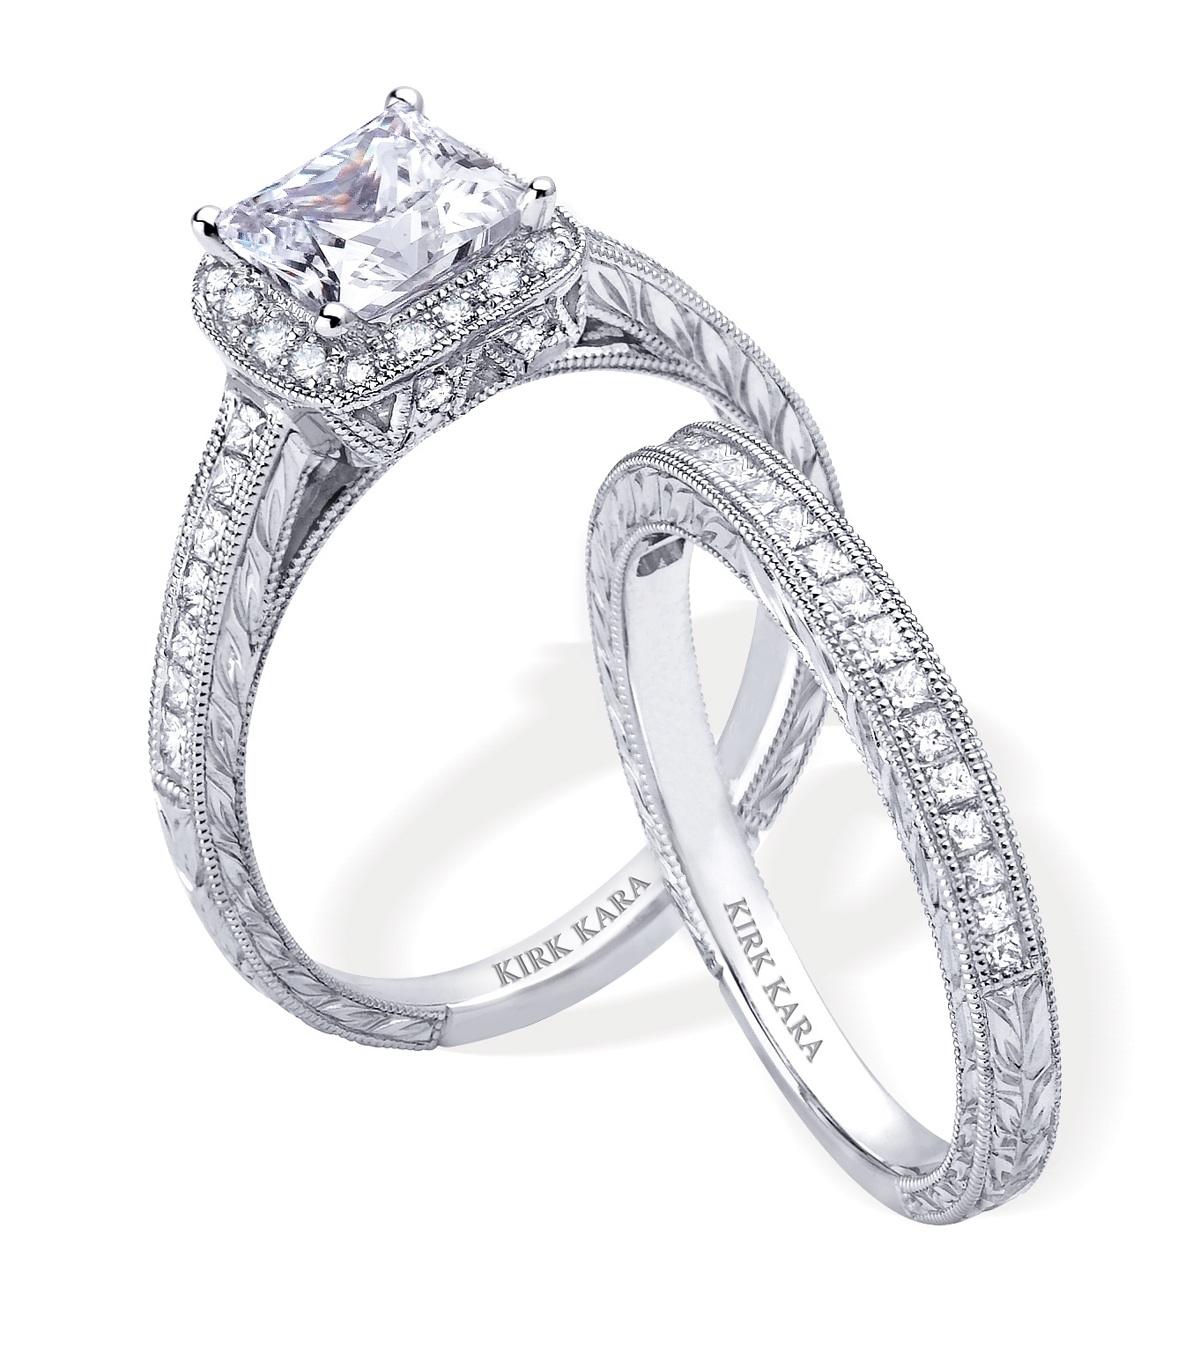 engagement rings and wedding band sets affordable wedding rings Diamond Engagement Ring And Wedding Band Set By Kirk Kara